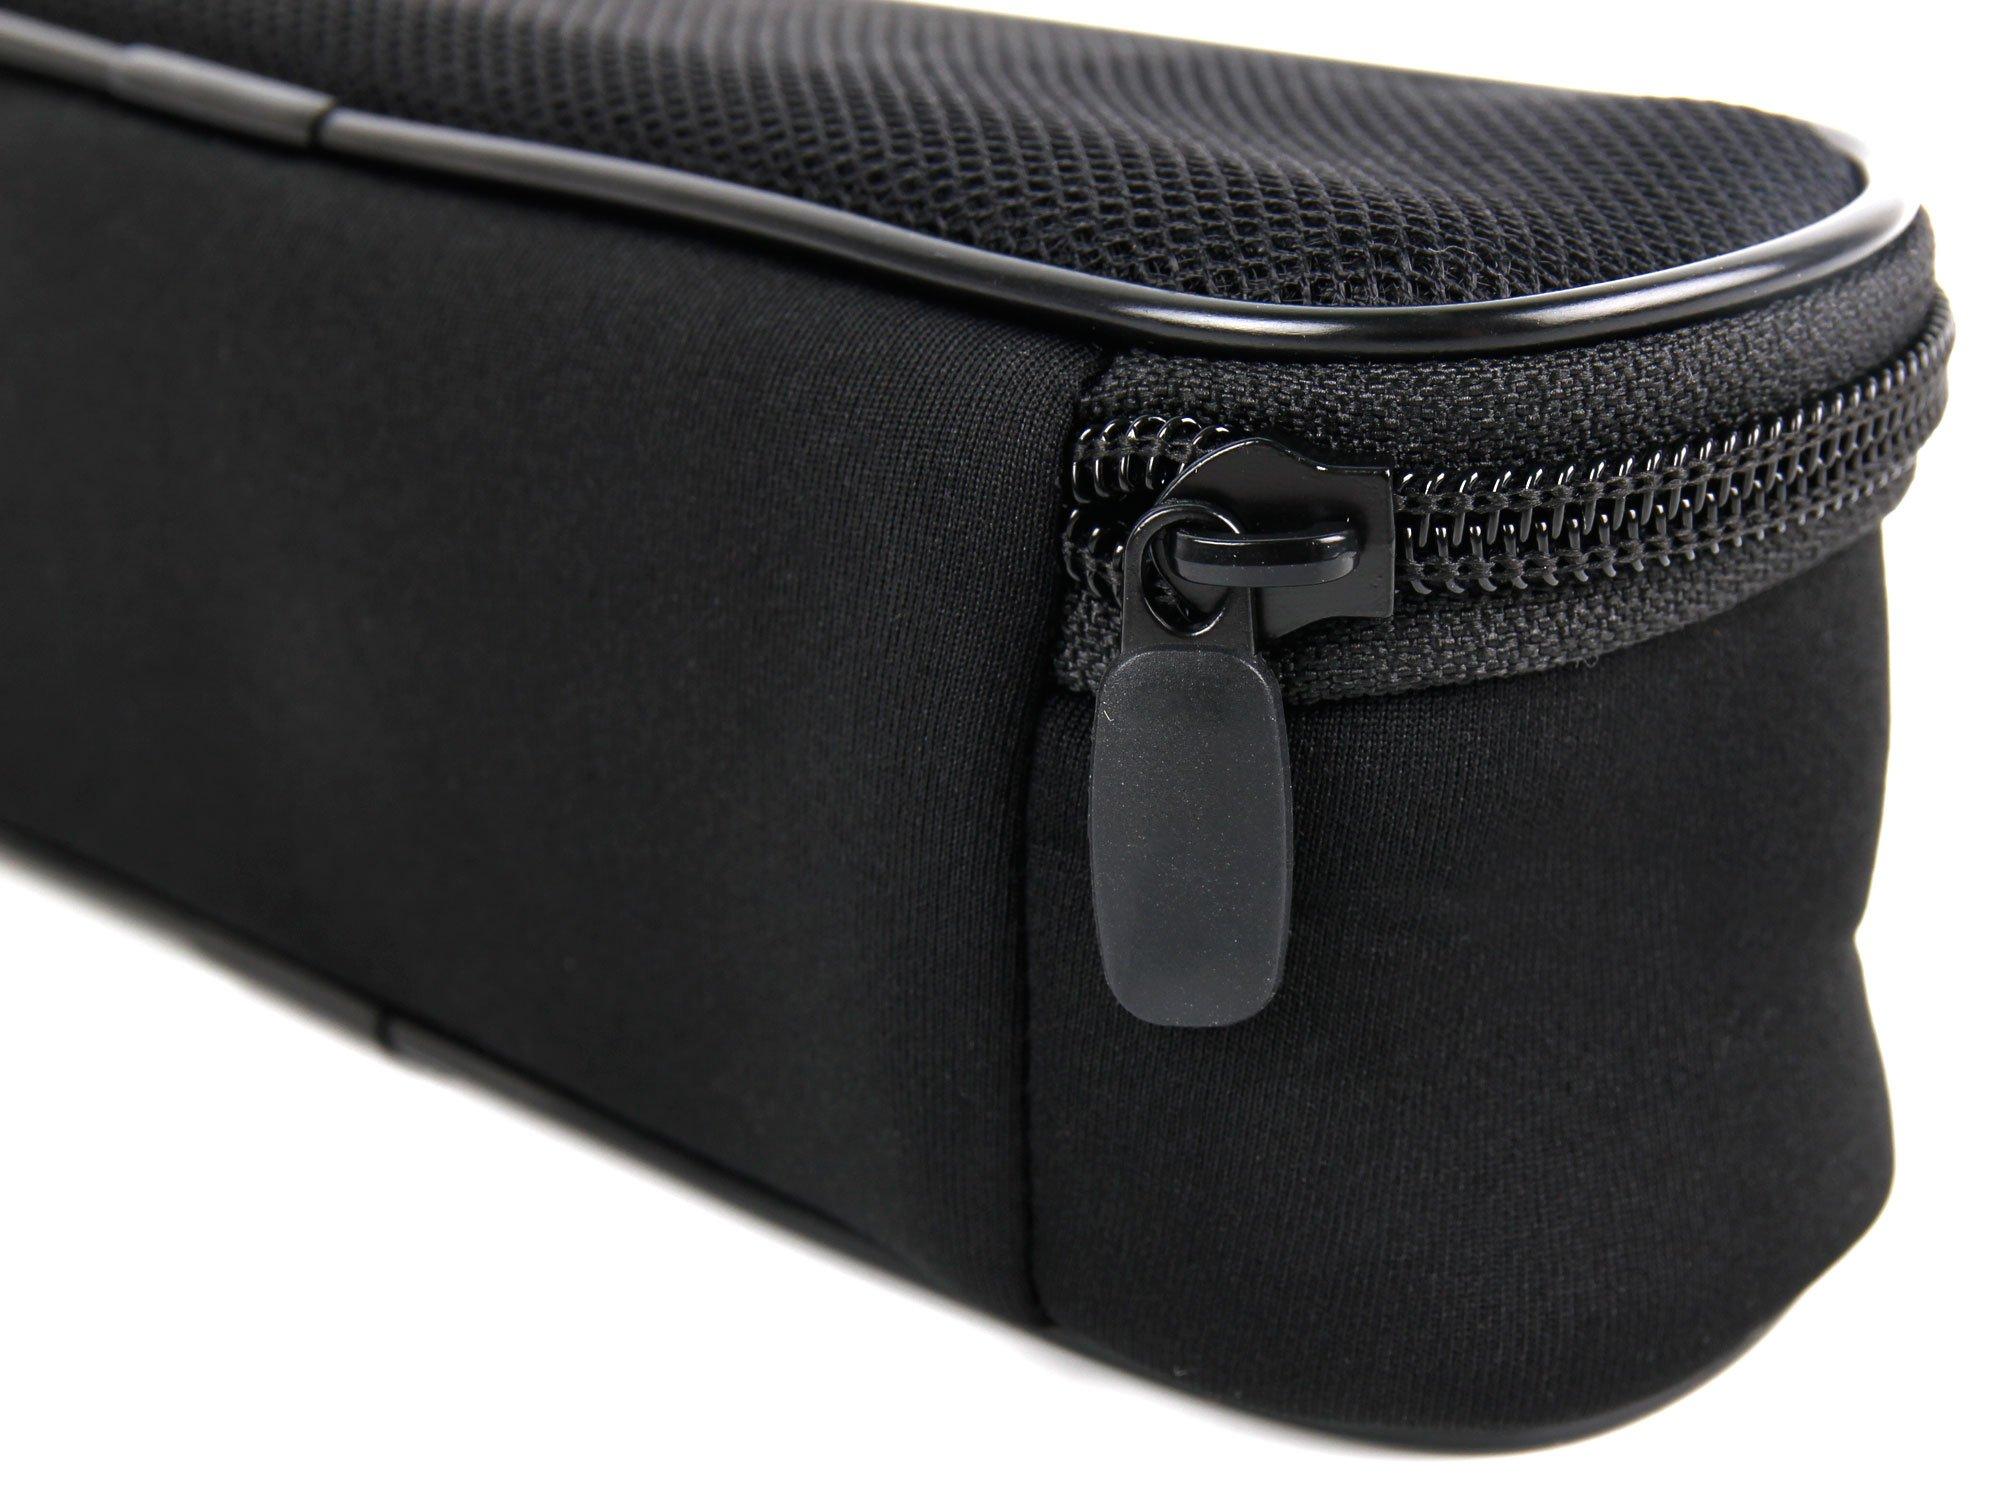 Funda de Protección negra para Braun Series 9 9295 CC afeitadora ...